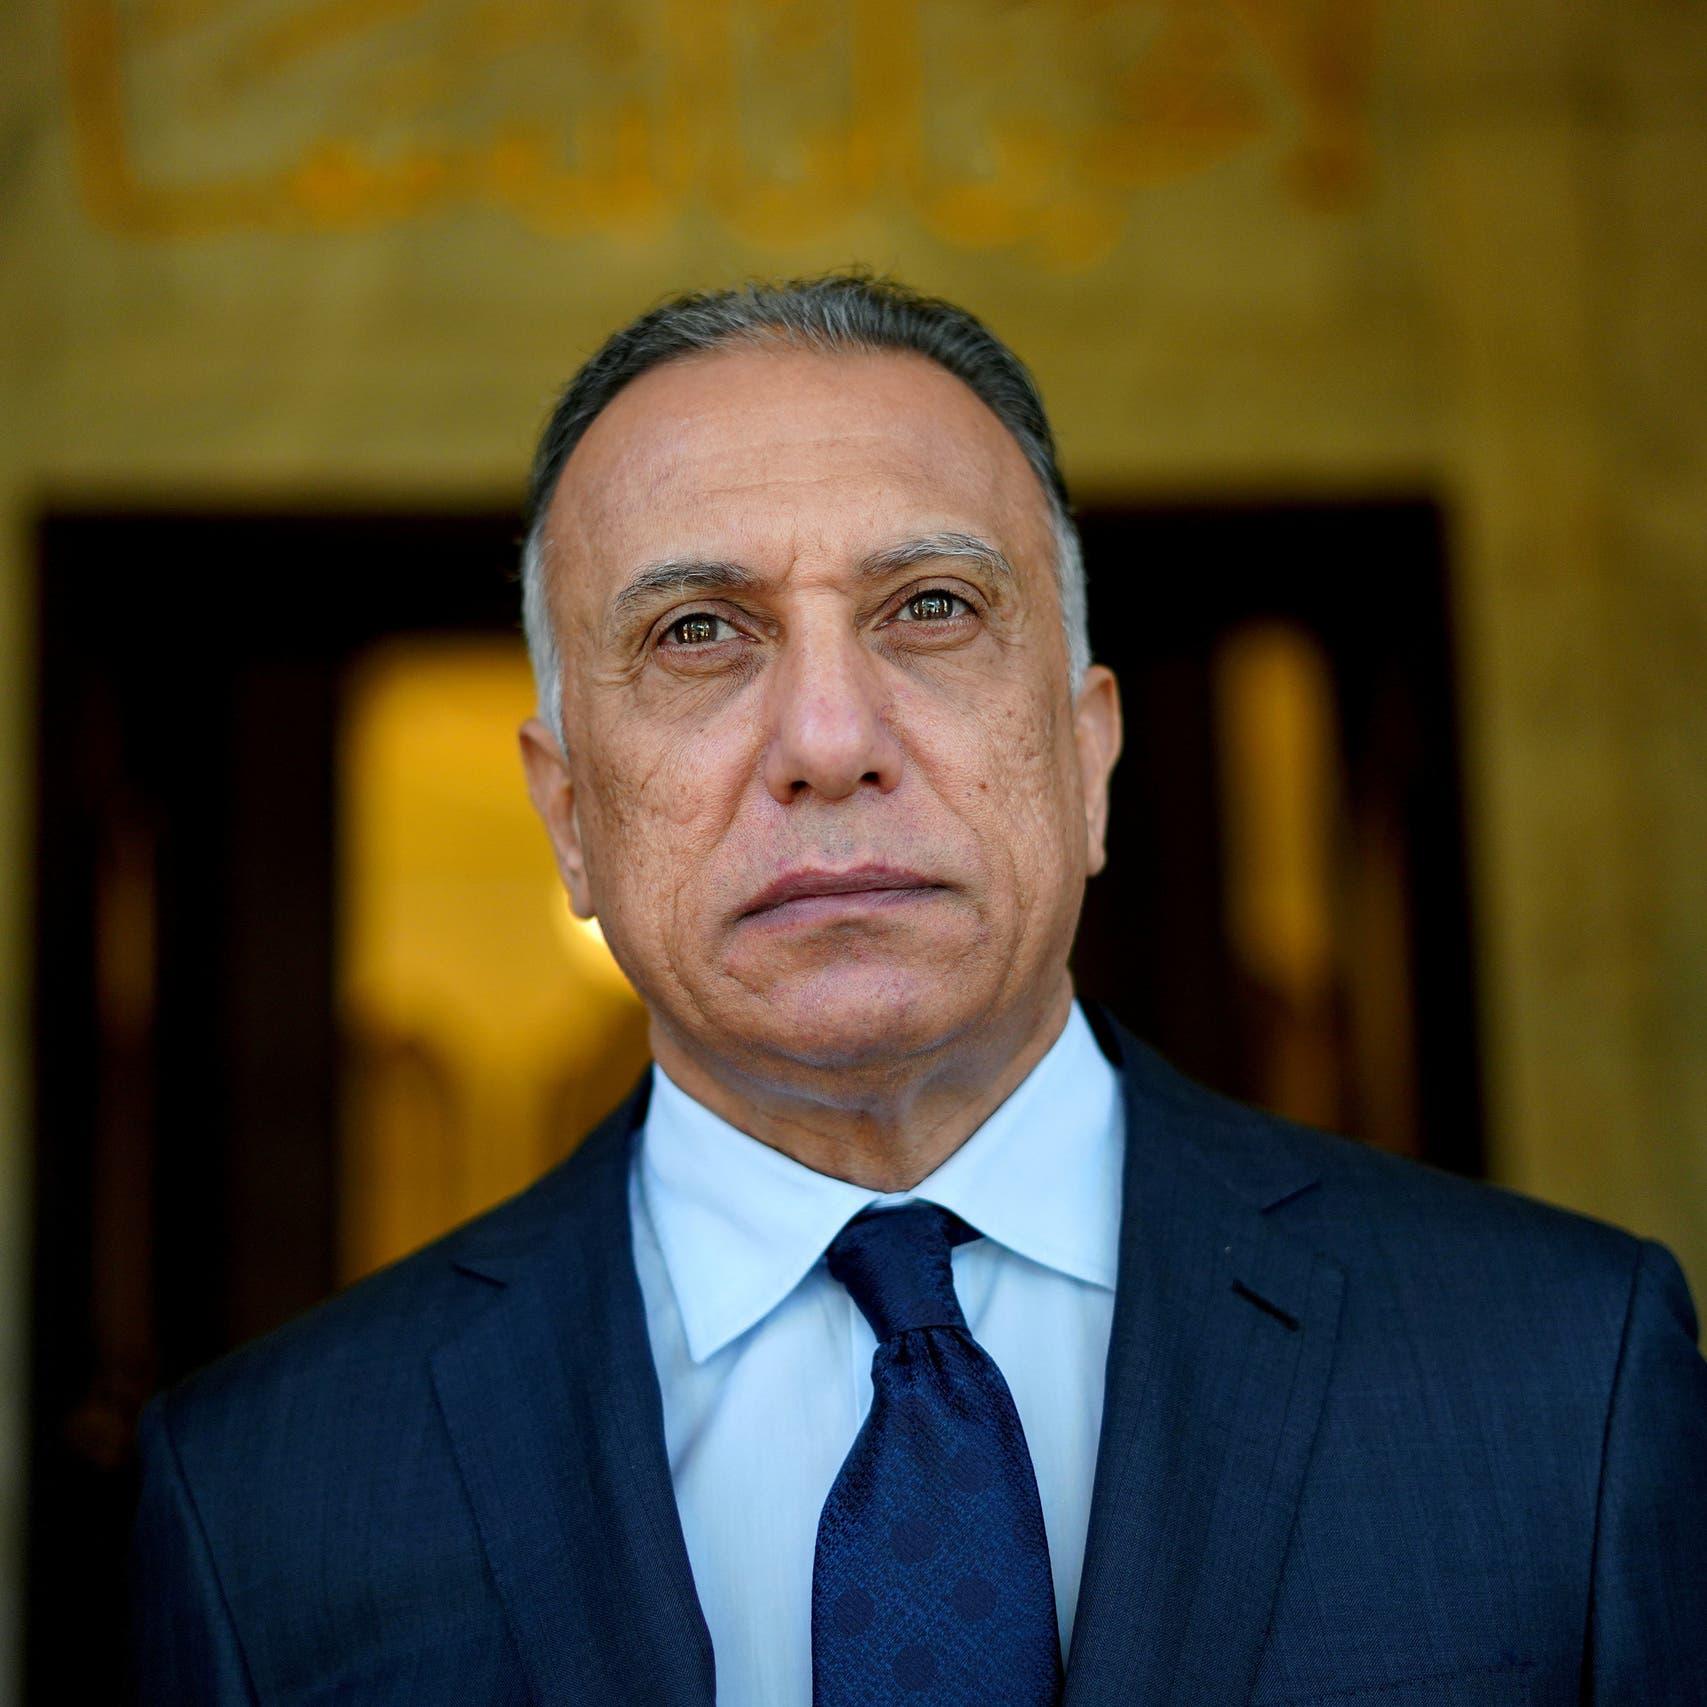 الكاظمي: لن نسمح لأحد بأن يهدد بهدم الدولة العراقية